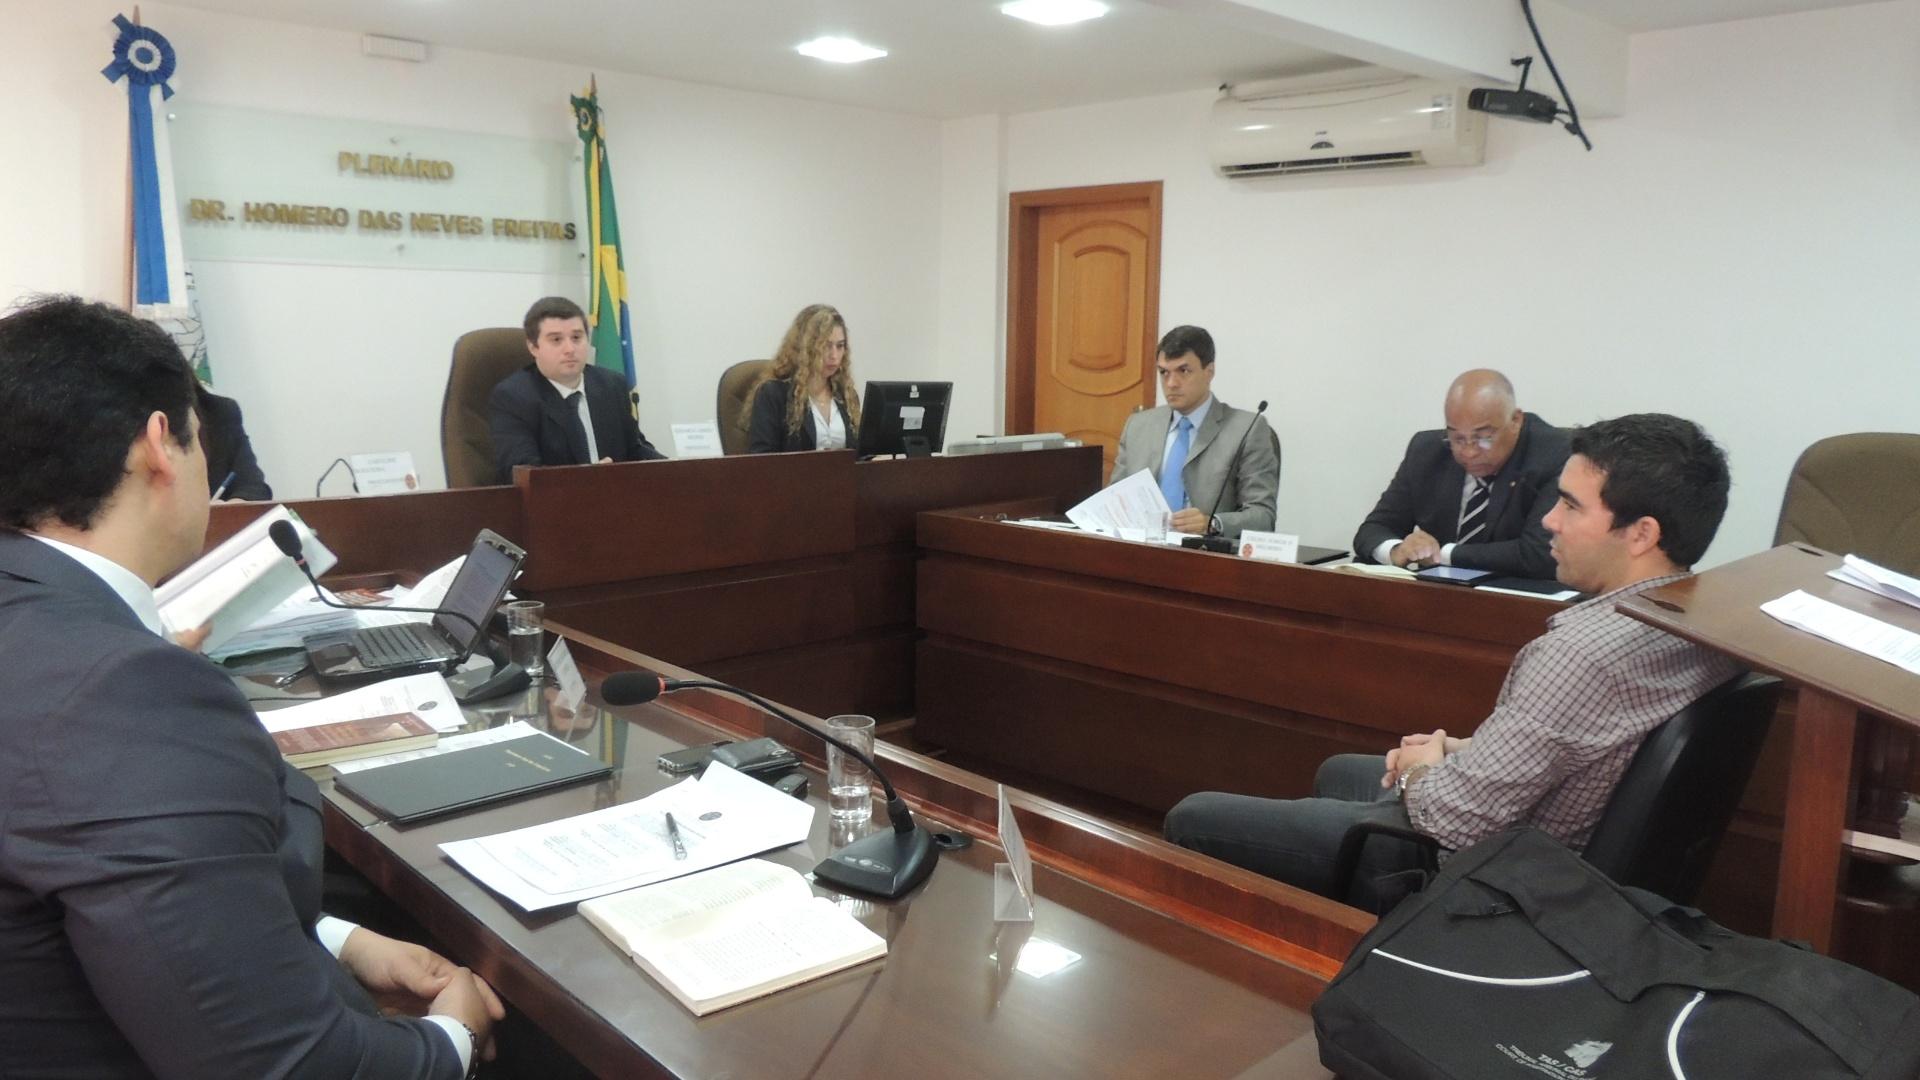 14/06/2013 - O meia Deco responde por caso de doping no banco dos réus do TJD-RJ